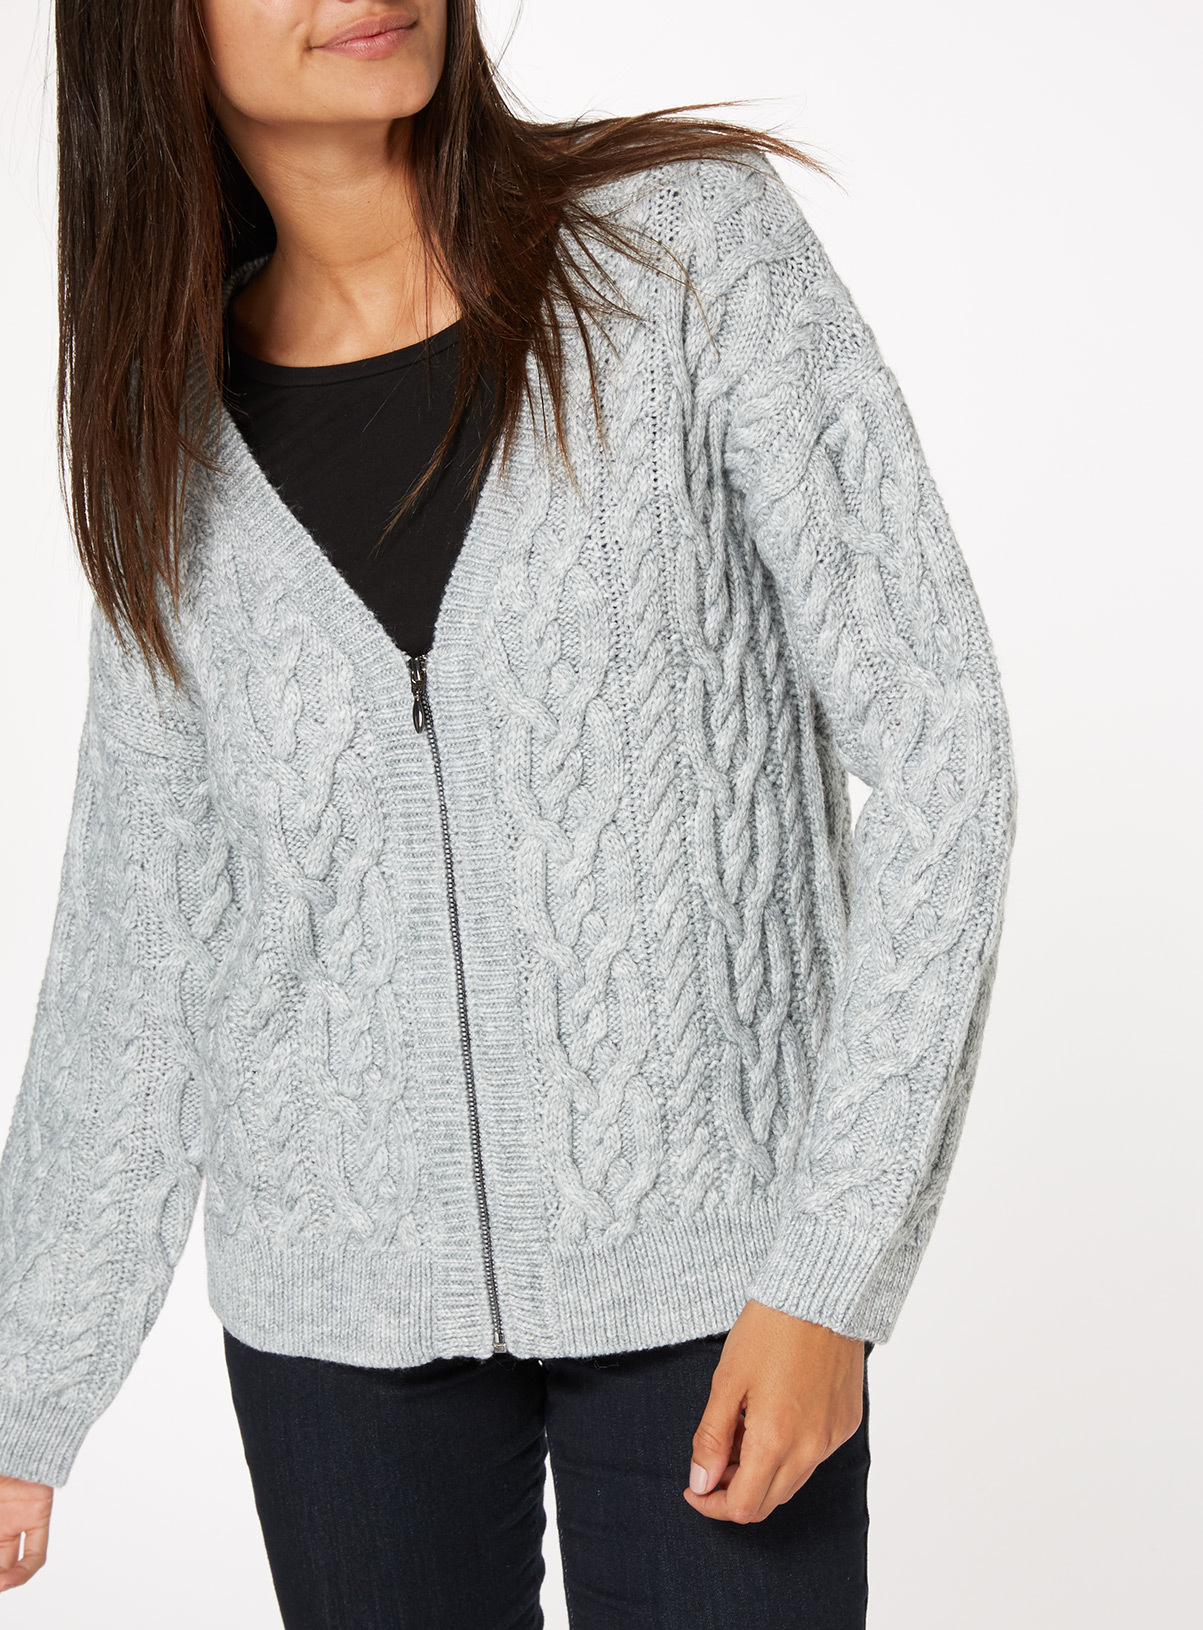 Womens Grey Short Cardigan | Tu clothing